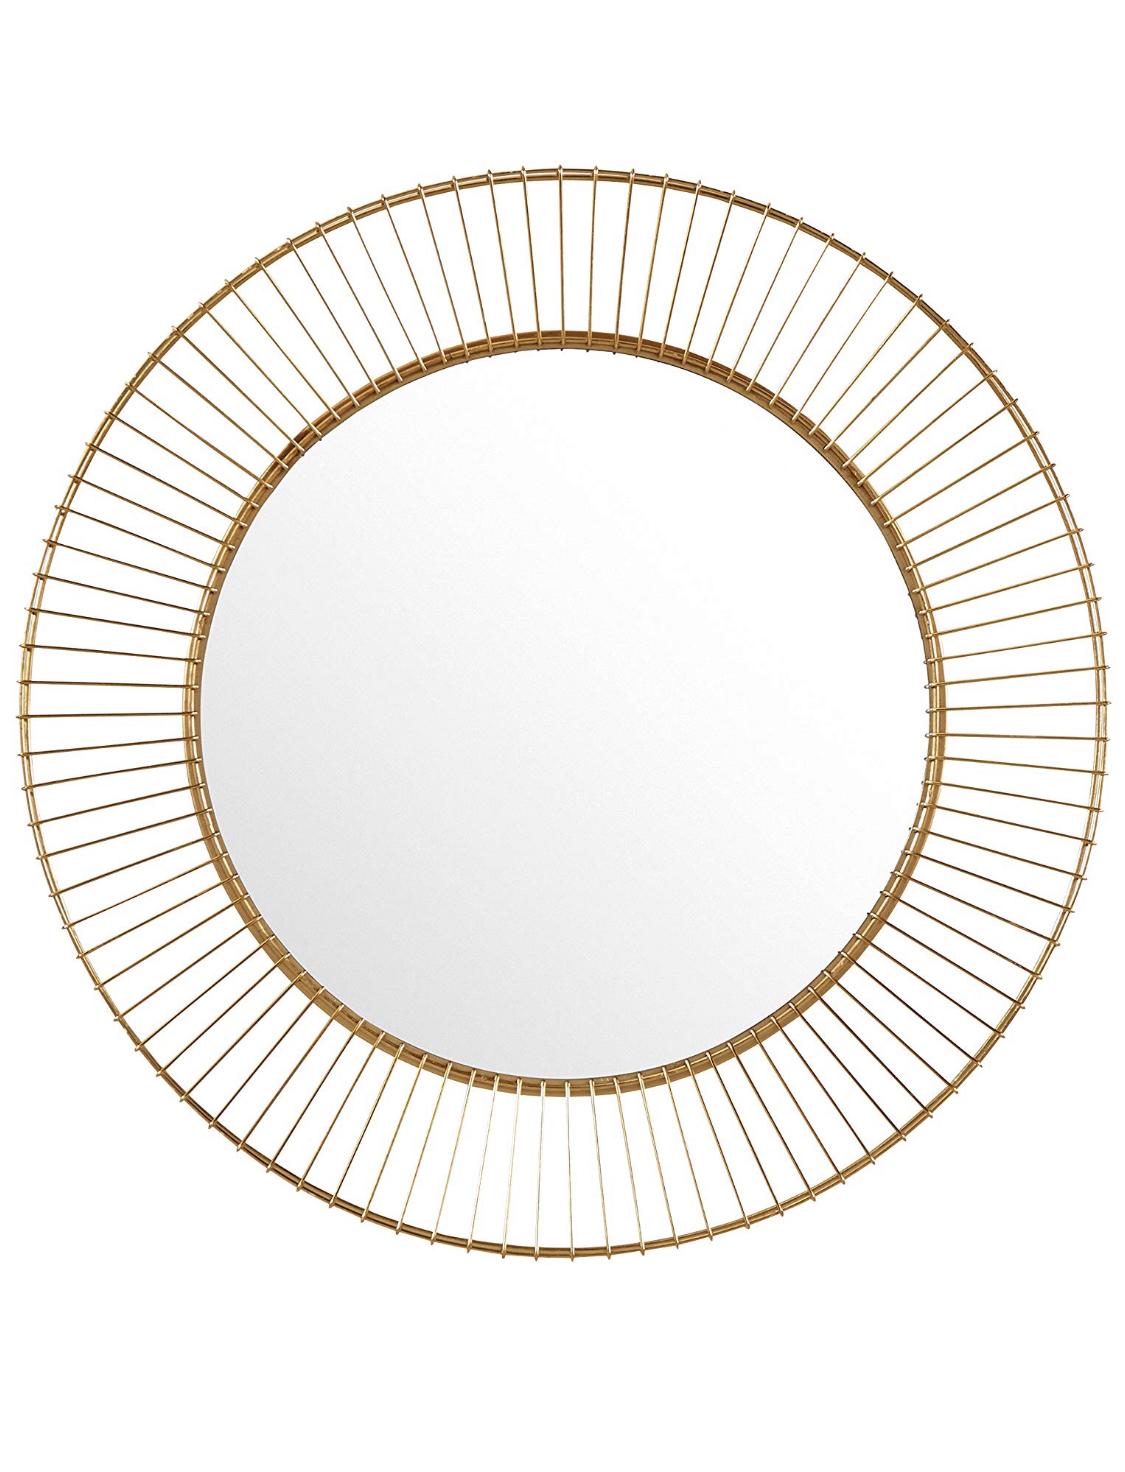 Rivet Modern Round Iron Circle Metal Hanging Wall Mirror - Amazon